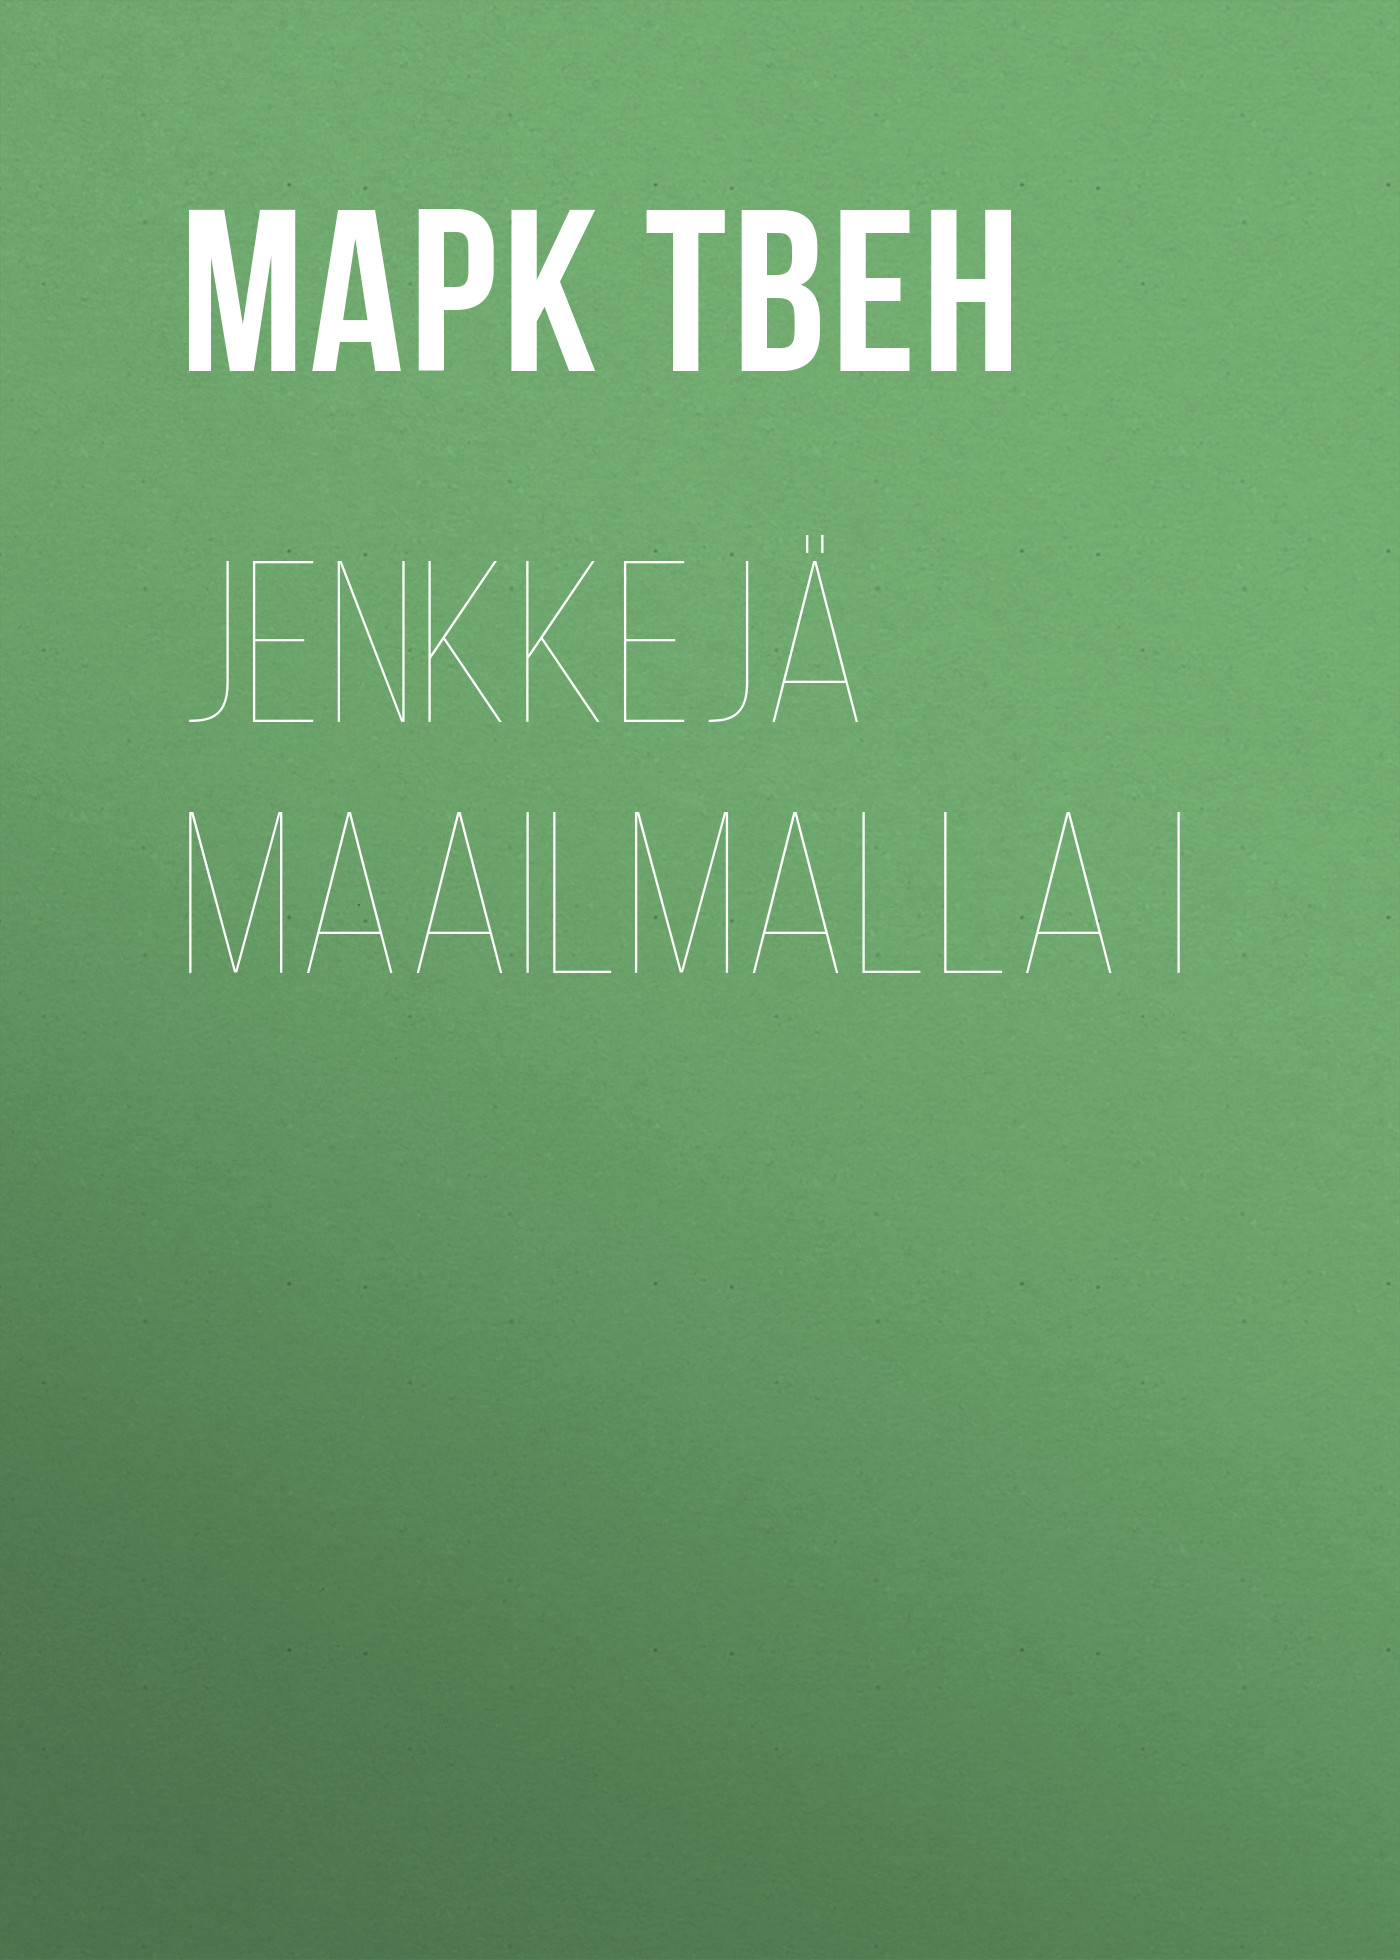 Марк Твен Jenkkejä maailmalla I